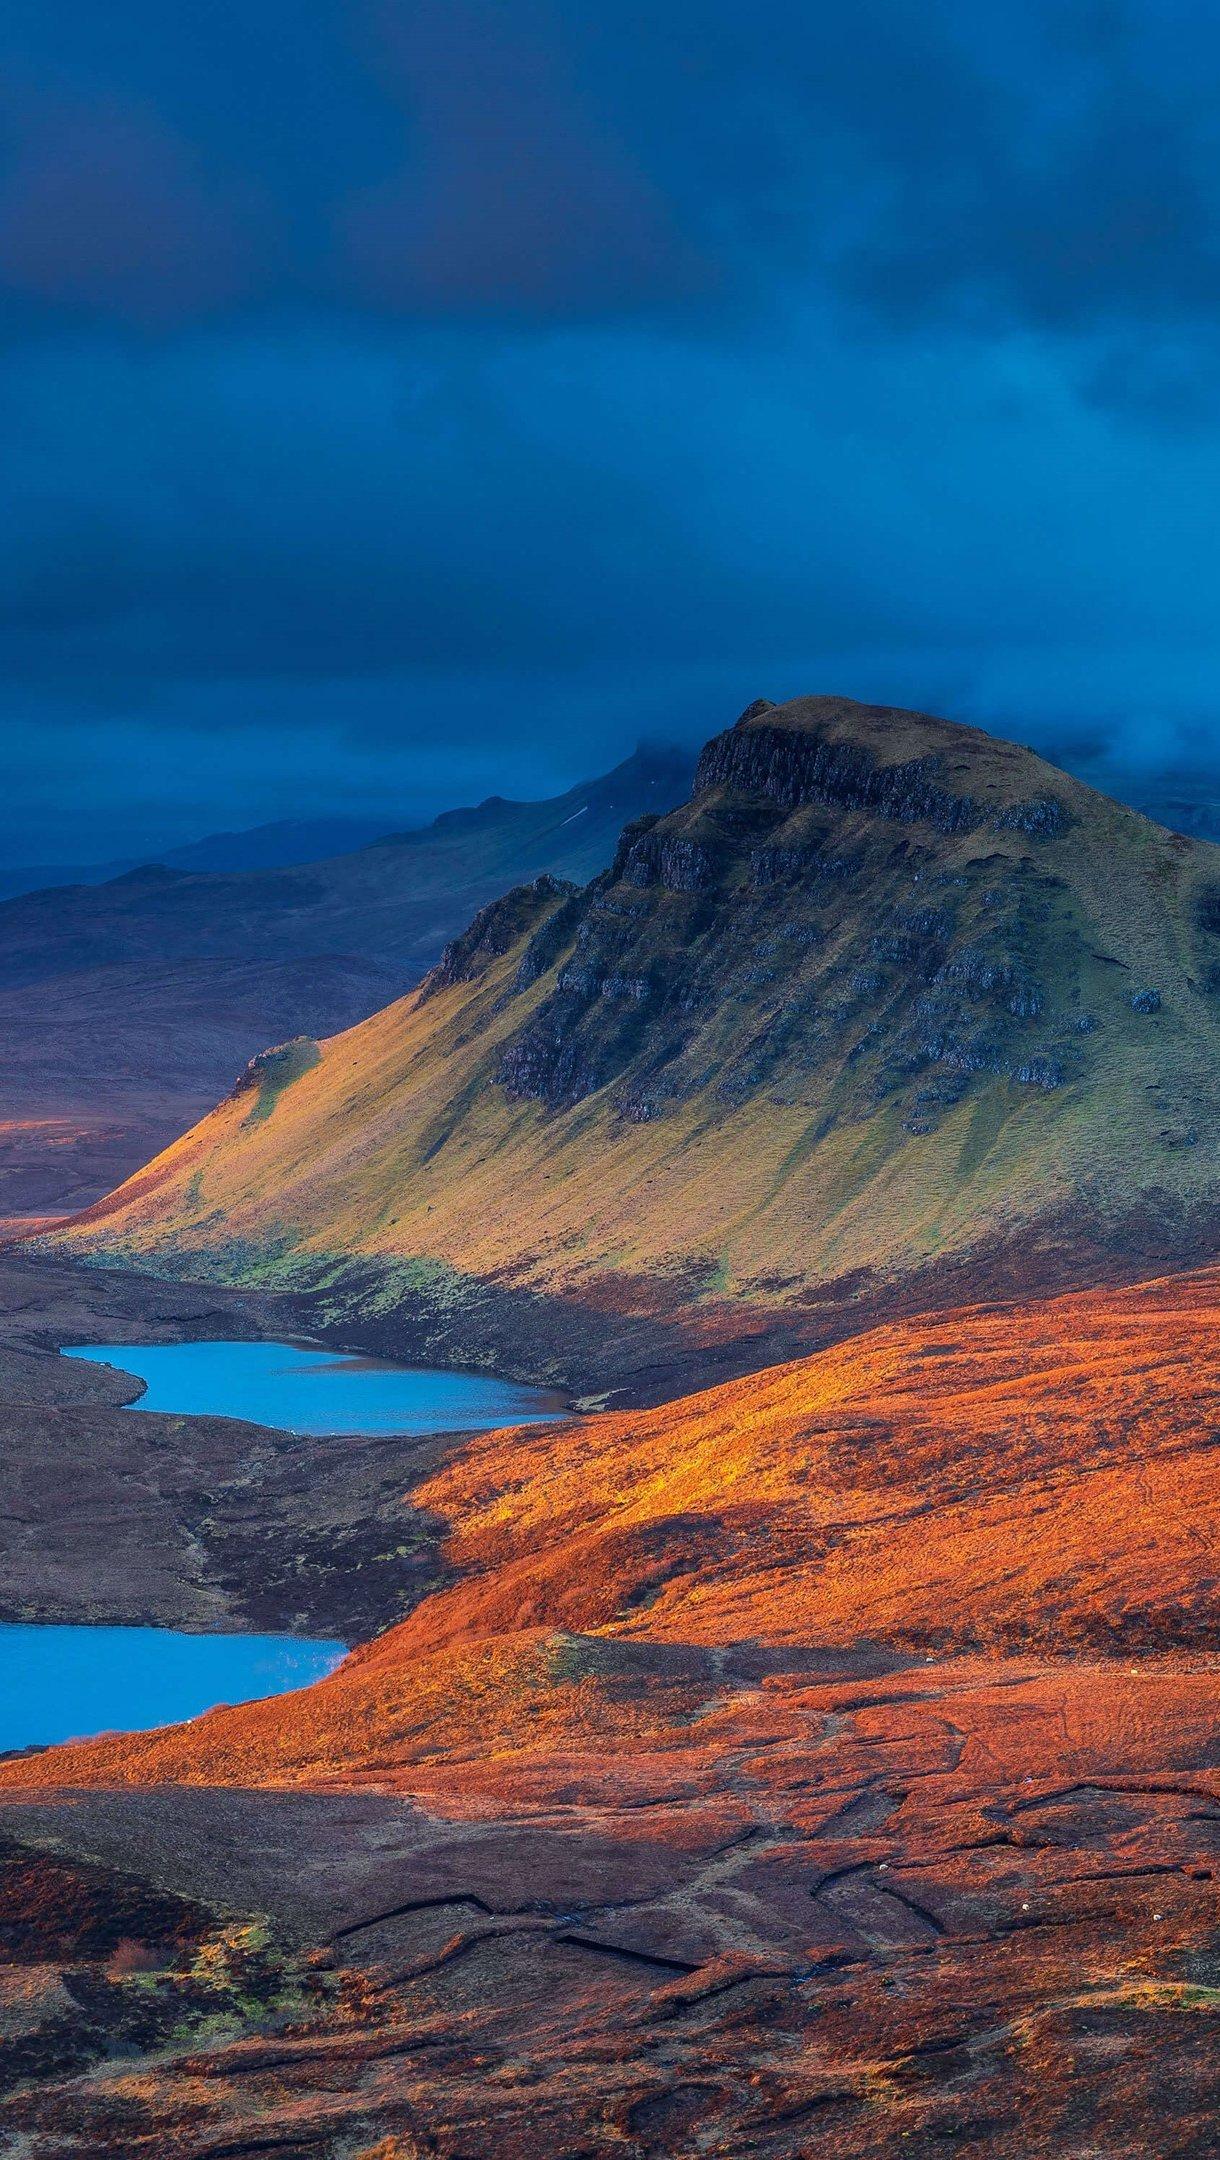 Fondos de pantalla Paisaje de montañas en Escocia Vertical